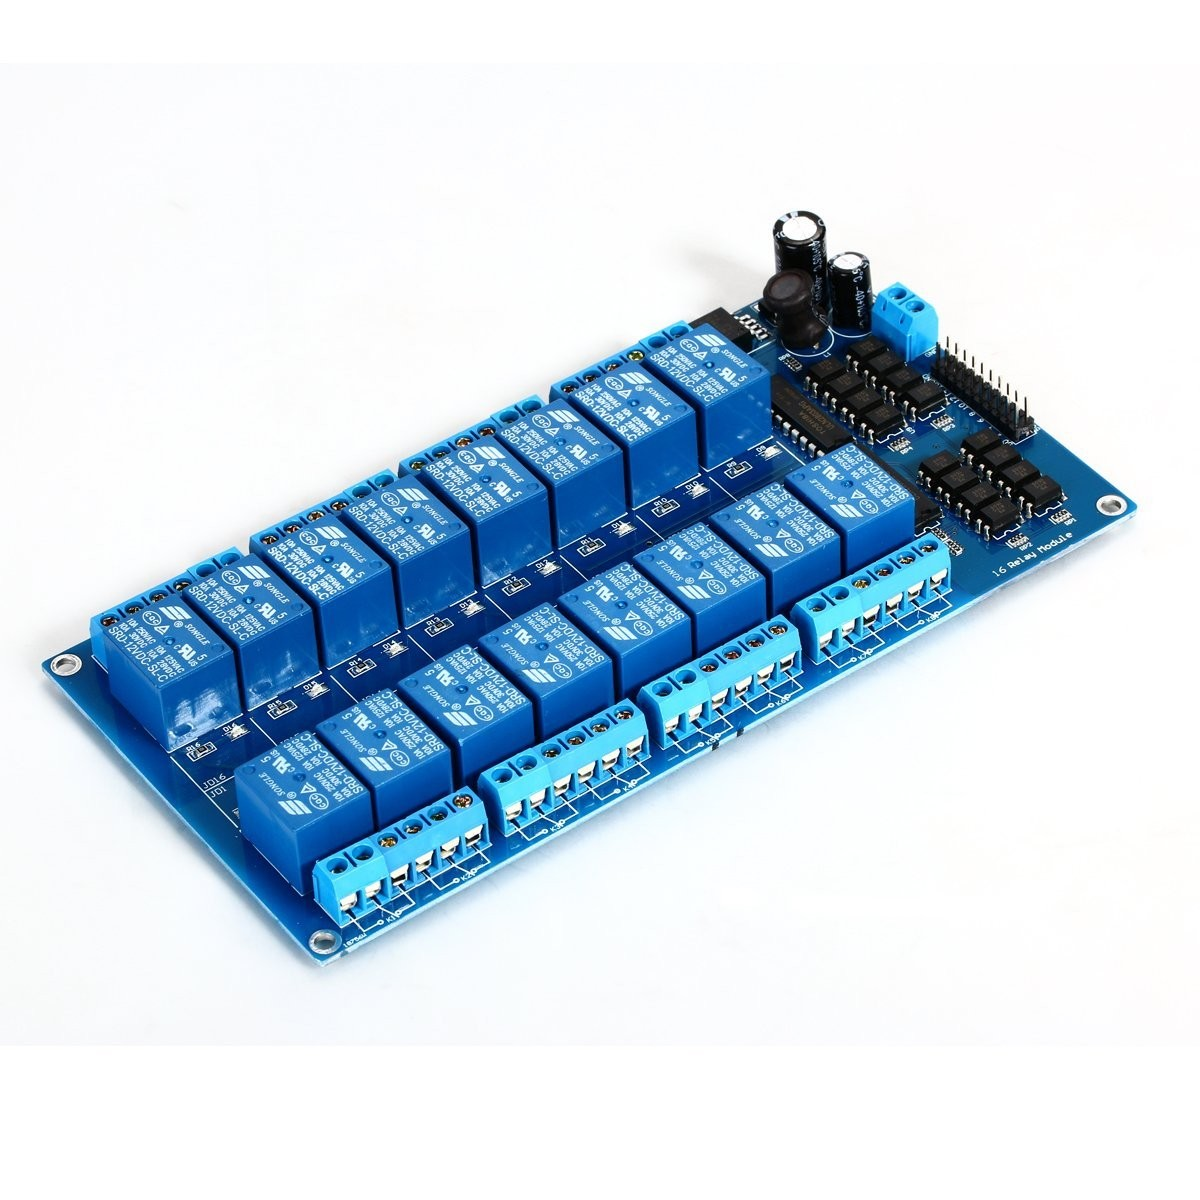 Modulo Rele 12v 10a De 16 Canales Para Arduino Arm Pic Avr Dsp Raspberry